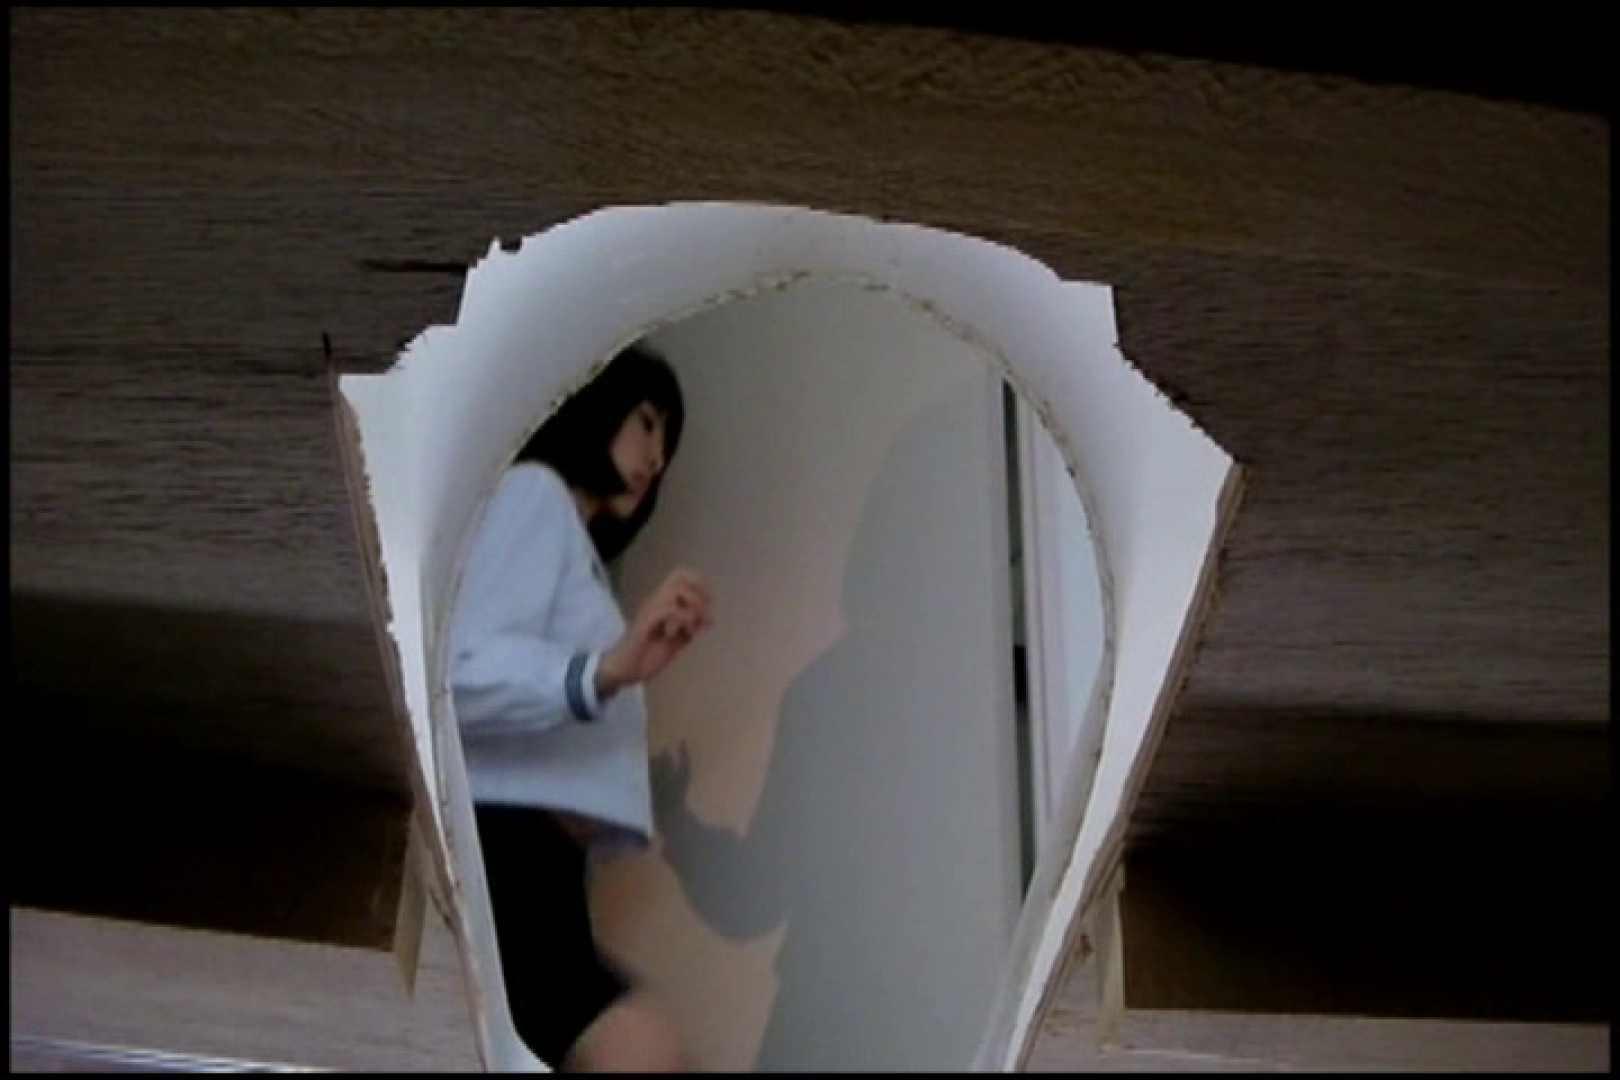 和式にまたがる女たちを待ちうけるカメラの衝撃映像vol.04 厠・・・ オメコ動画キャプチャ 84PIX 58